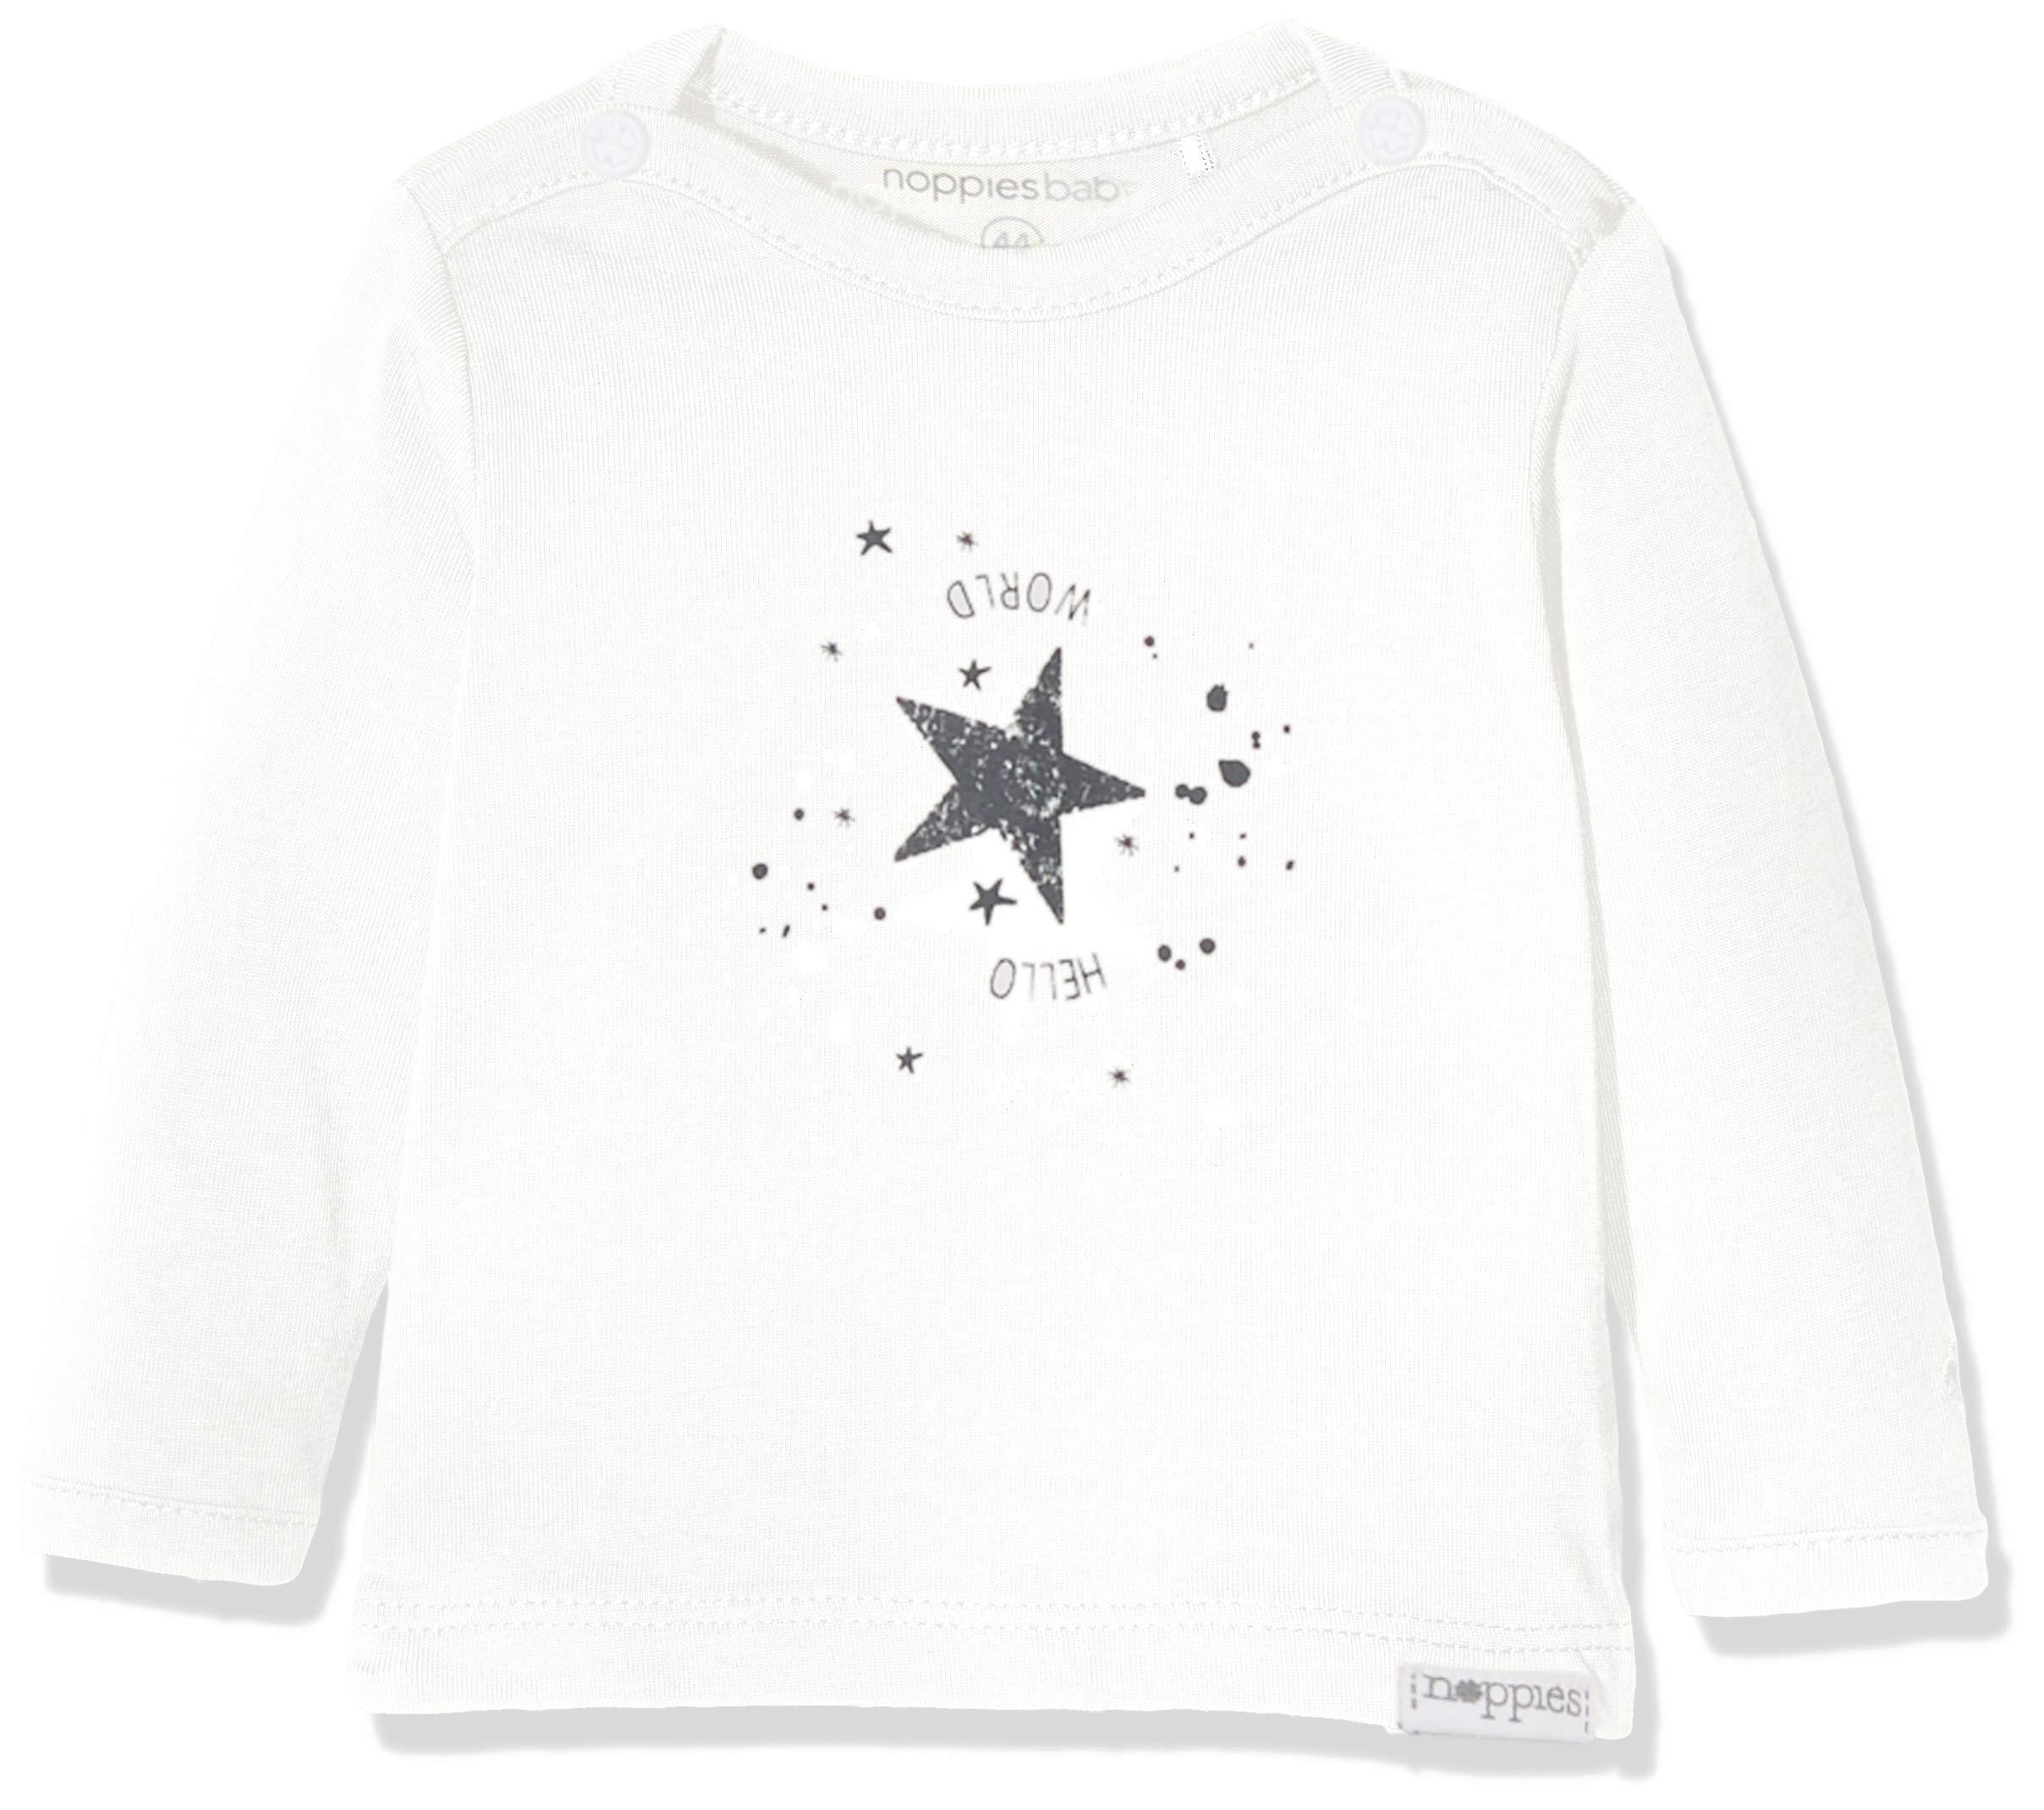 Noppies U tee LS Lux Tekst Camiseta para Bebés 1